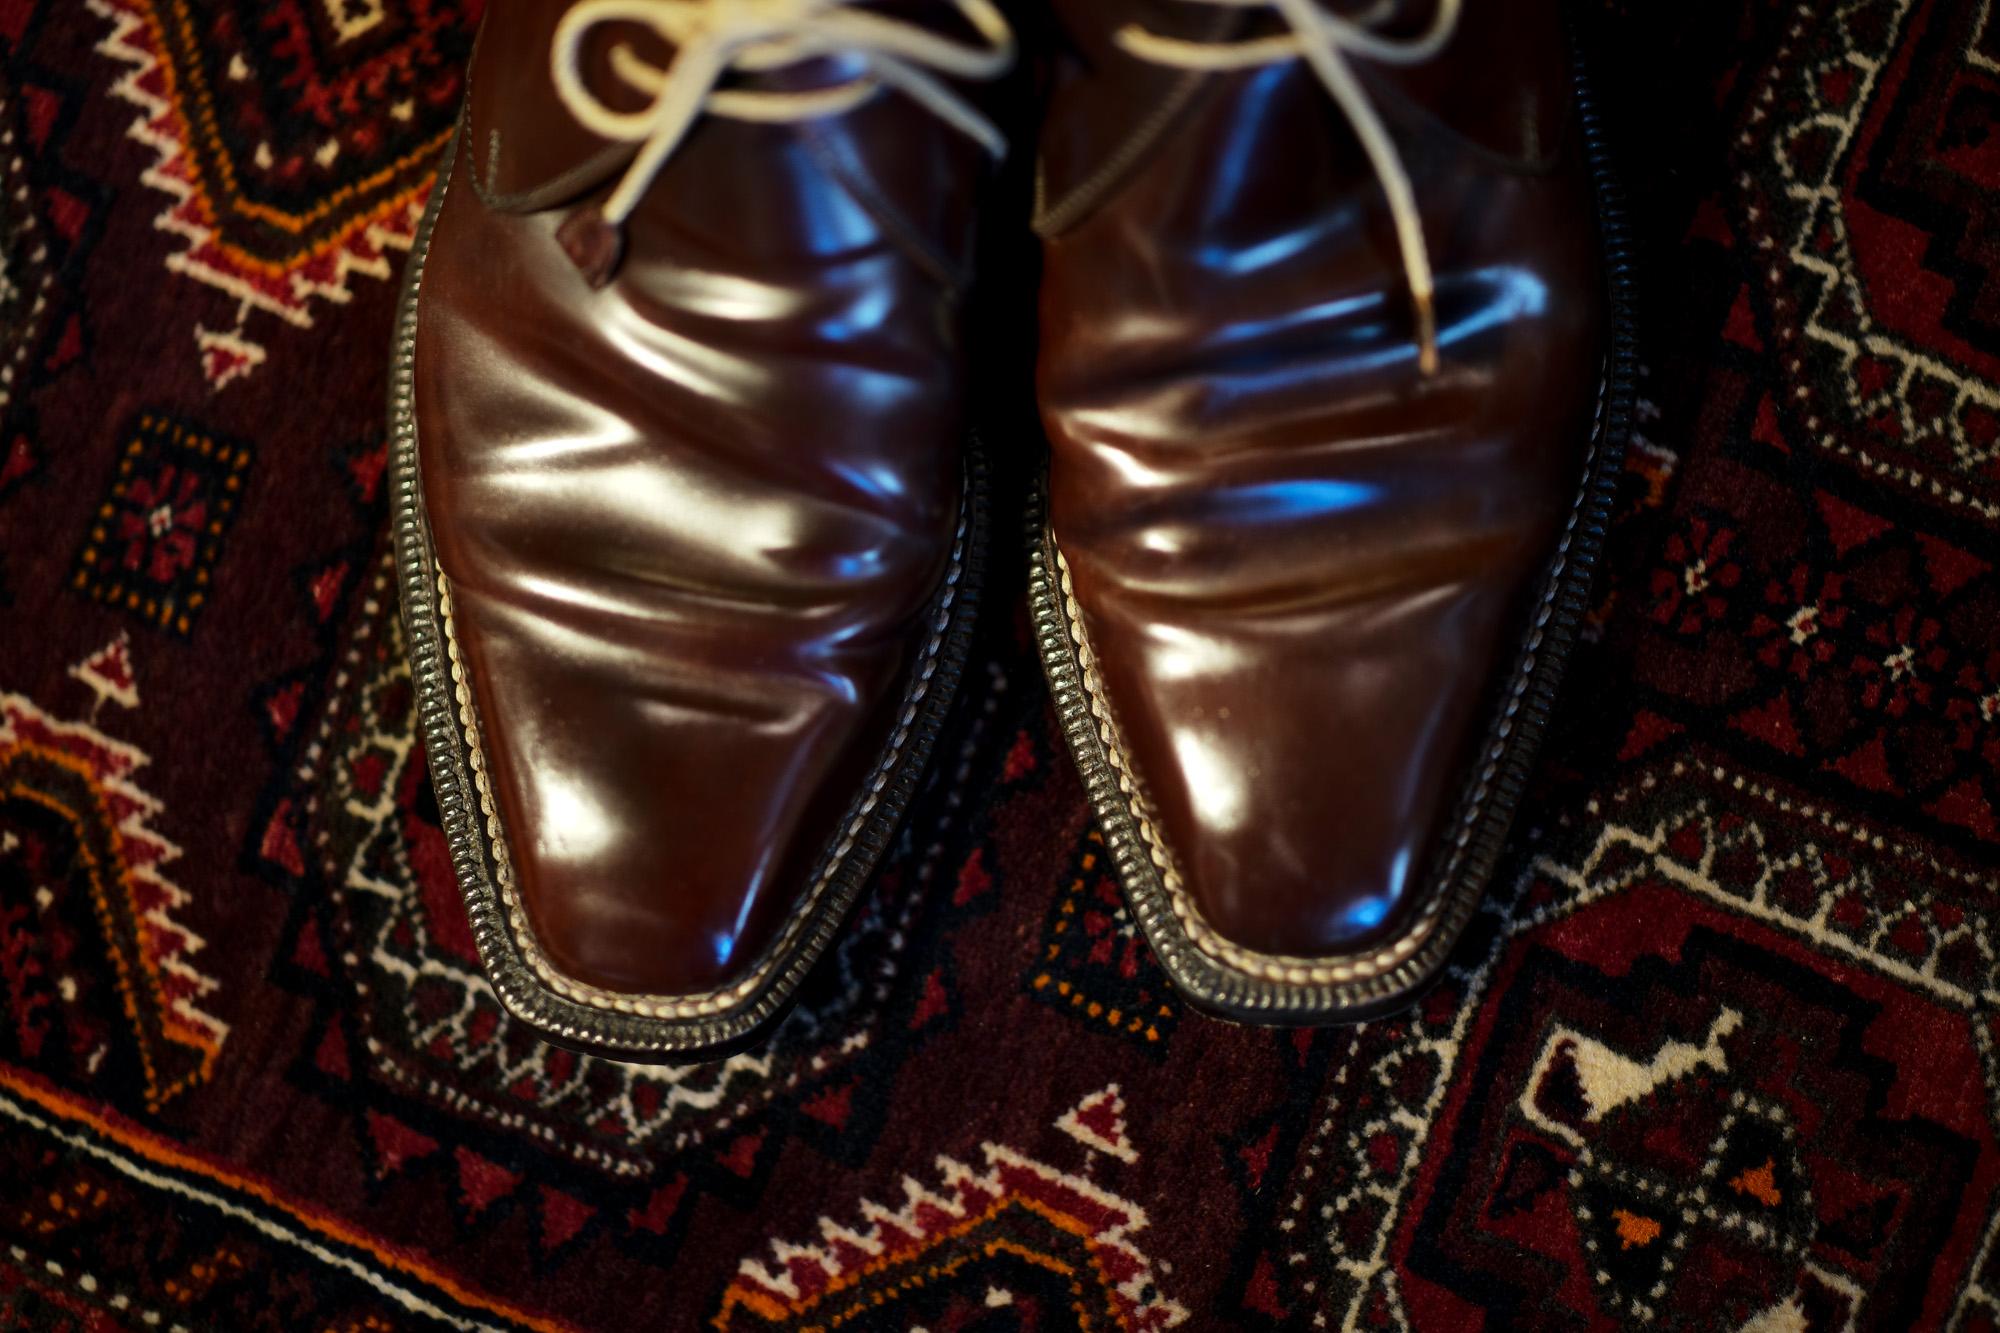 ENZO BONAFE(エンツォボナフェ) ART.3722 Chukka boots チャッカブーツ Horween Shell Cordovan Leather ホーウィン社 シェルコードバンレザー ノルベジェーゼ製法 チャッカブーツ コードバンブーツ No.8(バーガンディー)  made in italy (イタリア製) 2019 秋冬 愛知 名古屋 Alto e Diritto アルト エ デリット エンツォボナフェ コードバン チャッカ 5.5,6,6.5,7,7.5,8,8.5,9,9.5